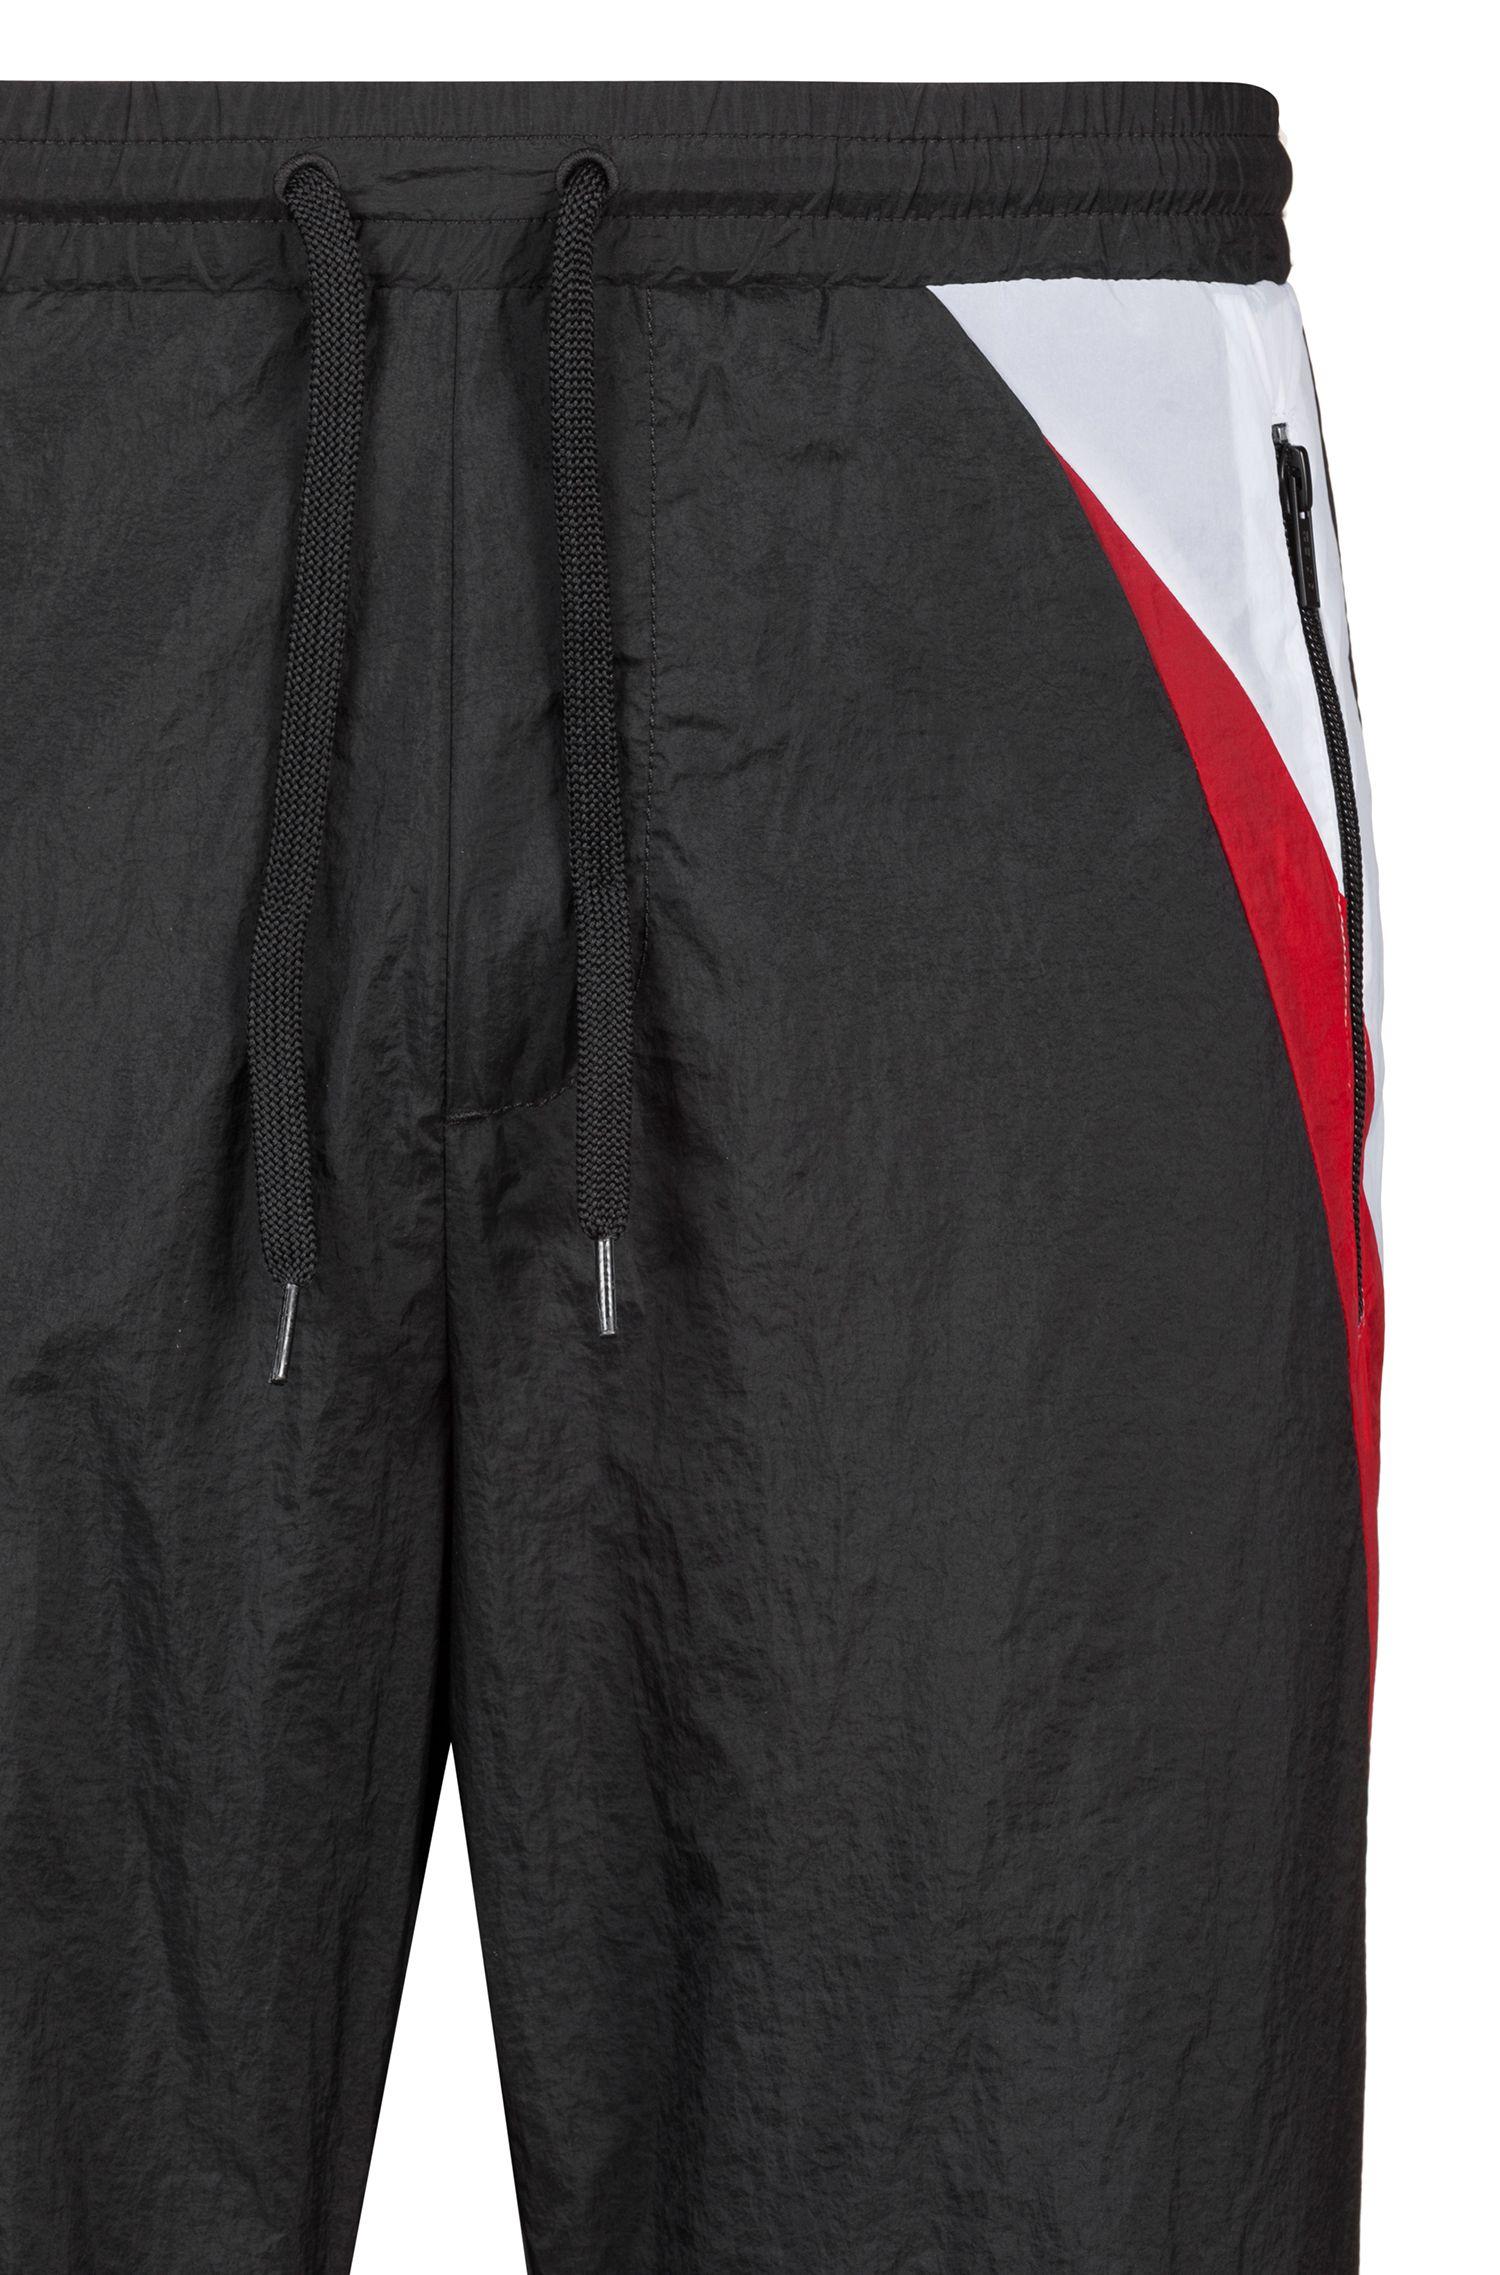 Leichte Relaxed-Fit Hose in Knitteroptik mit Kontrast-Details, Schwarz